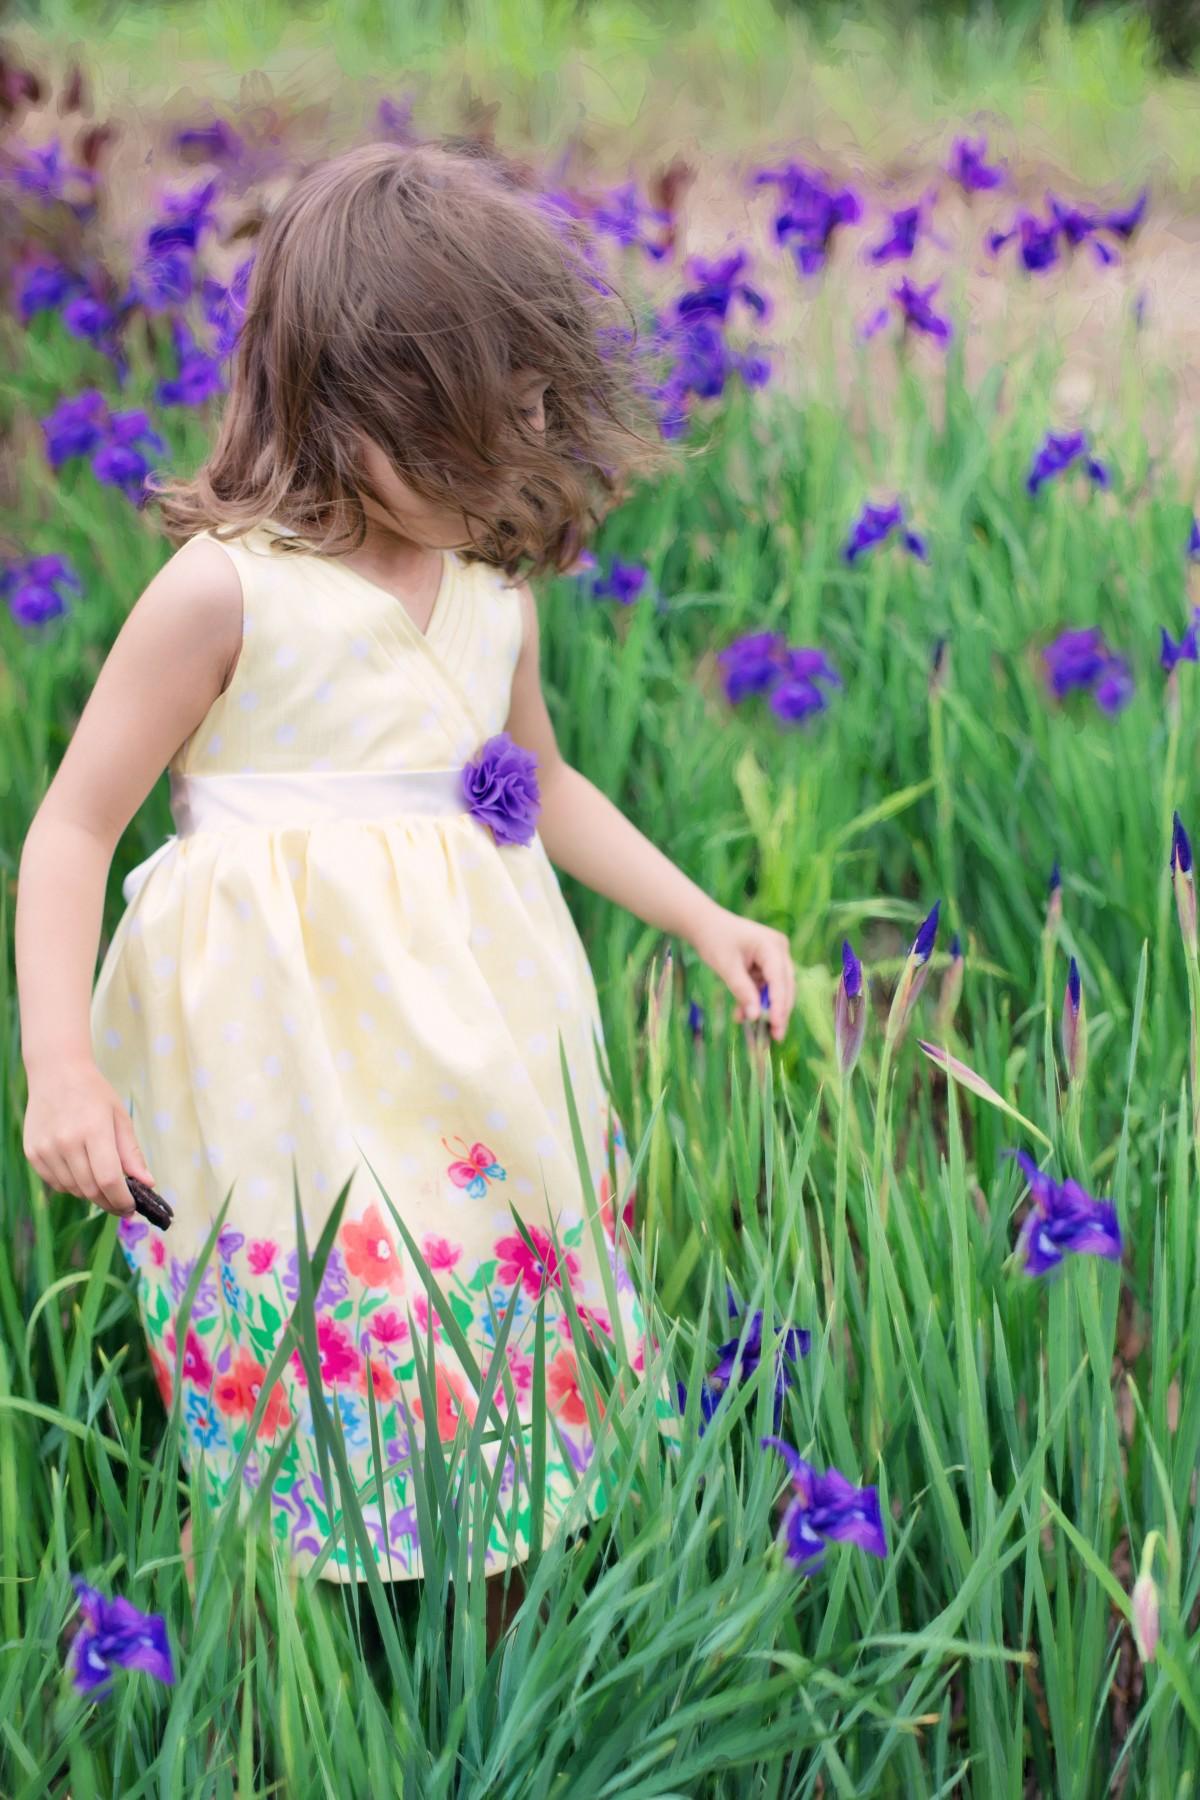 Golf La Prairie >> Images Gratuites : herbe, champ, pelouse, Prairie, jouer, fleur, été, vert, enfant, jaune, Fleur ...